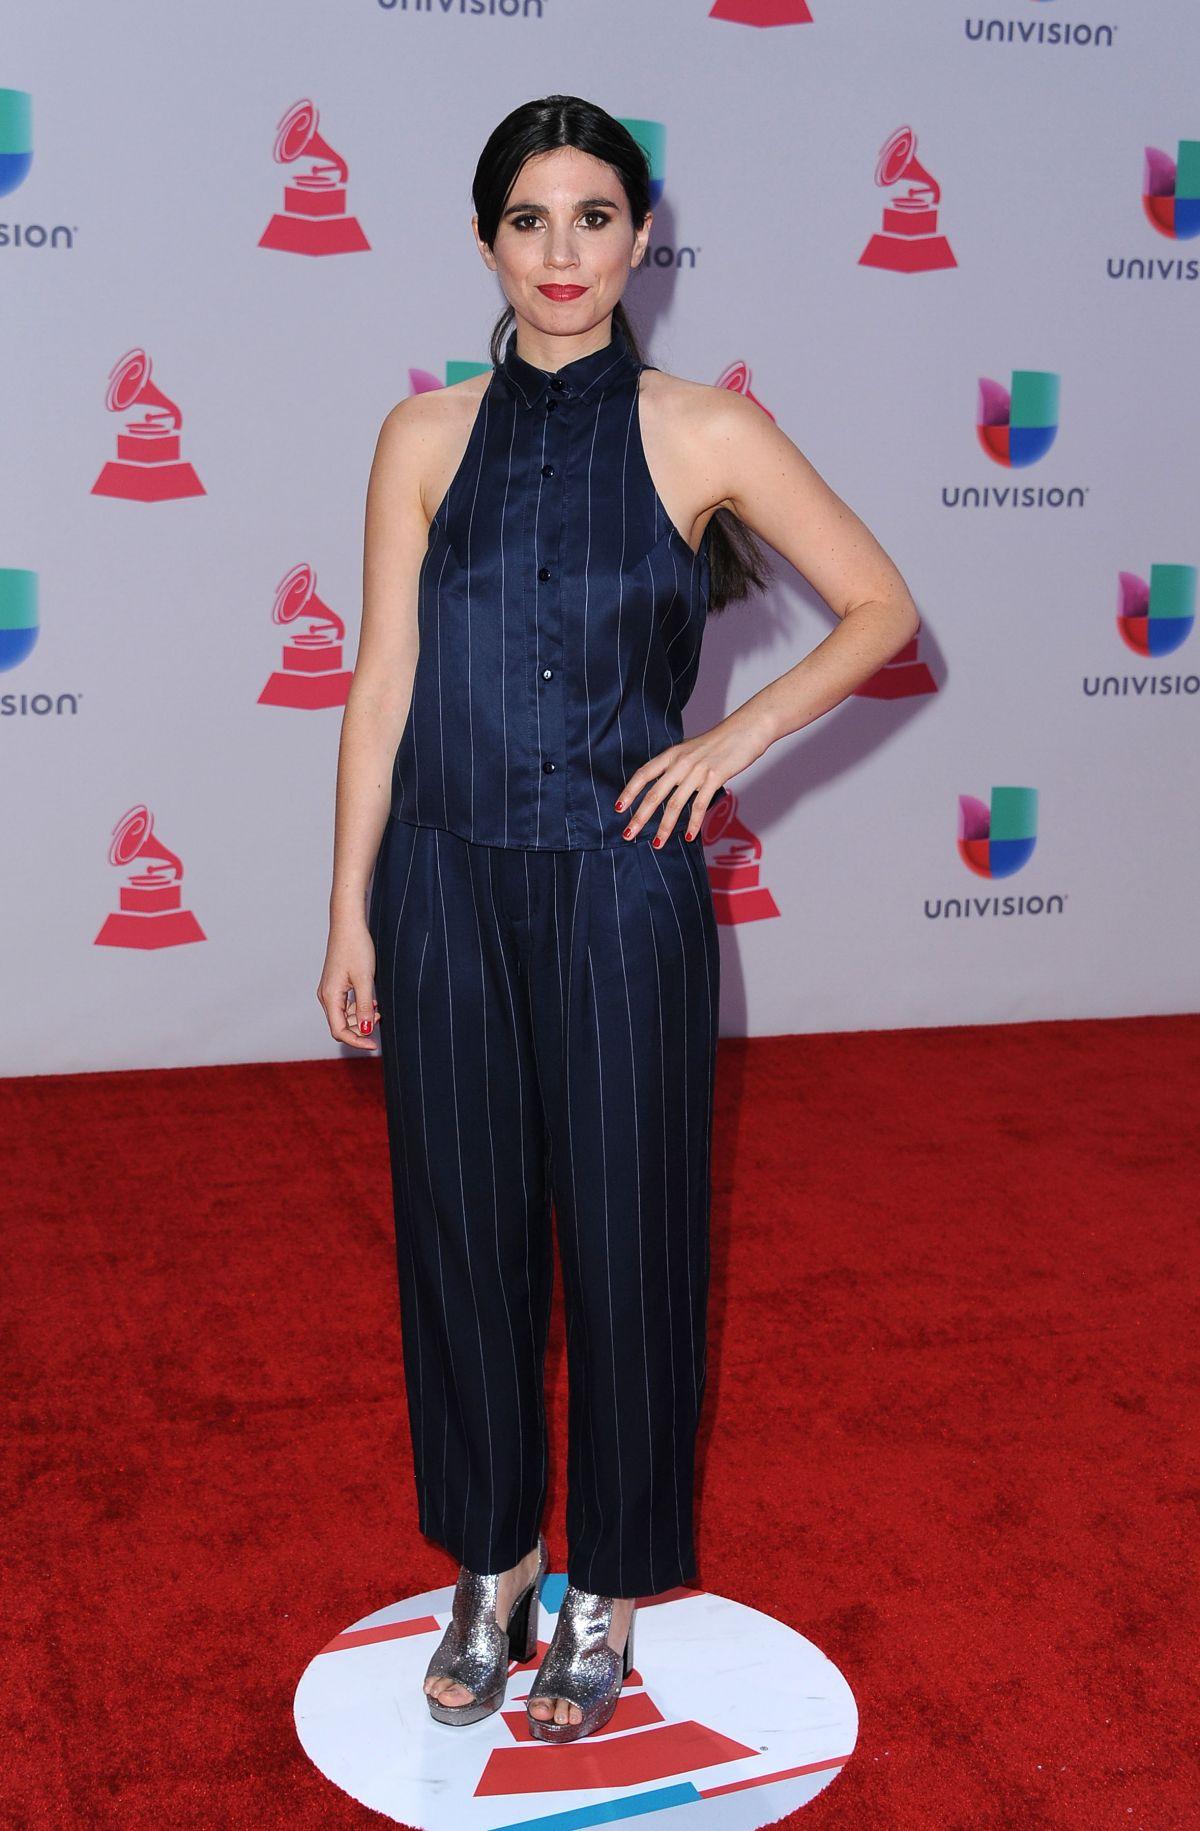 JAVIERA MENA at 2015 Latin Grammy Awards in Las Vegas 11/18/2015